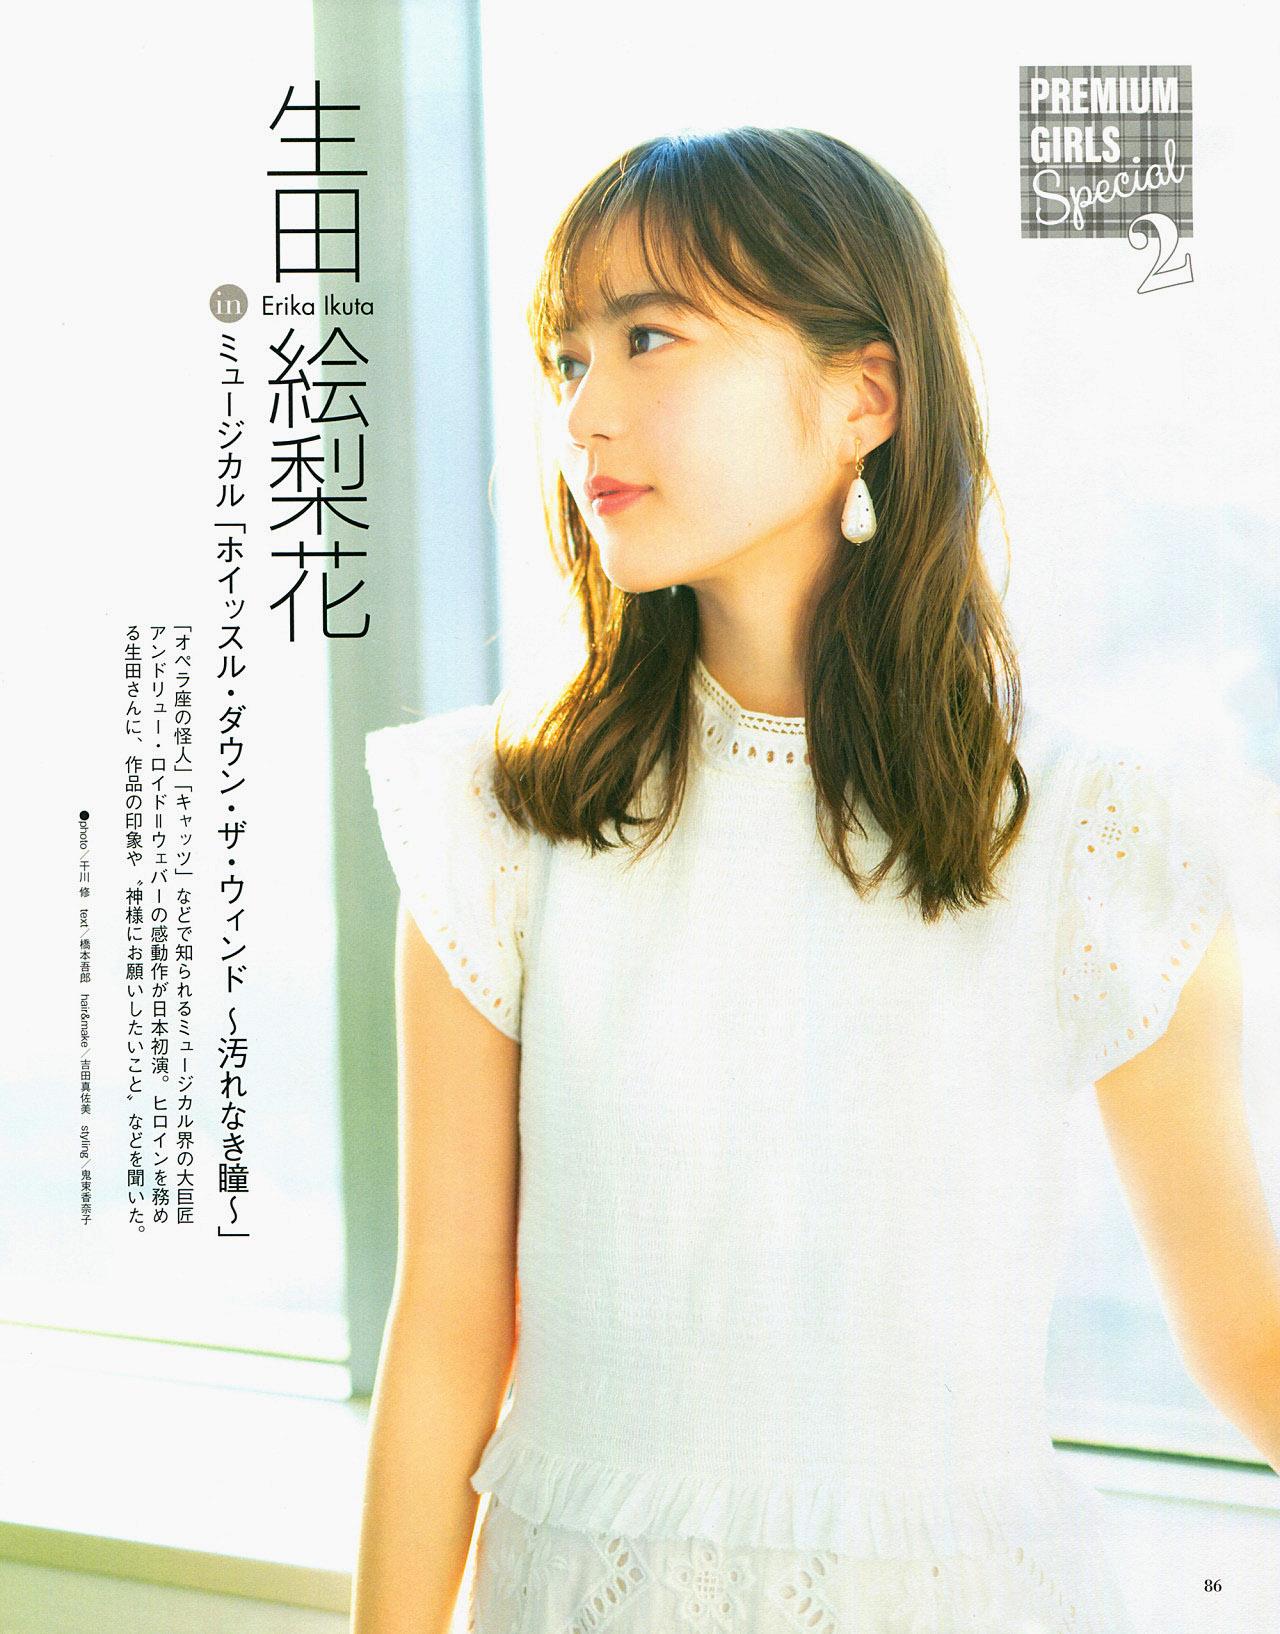 EIkuta TV Life Premium No 30 01.jpg